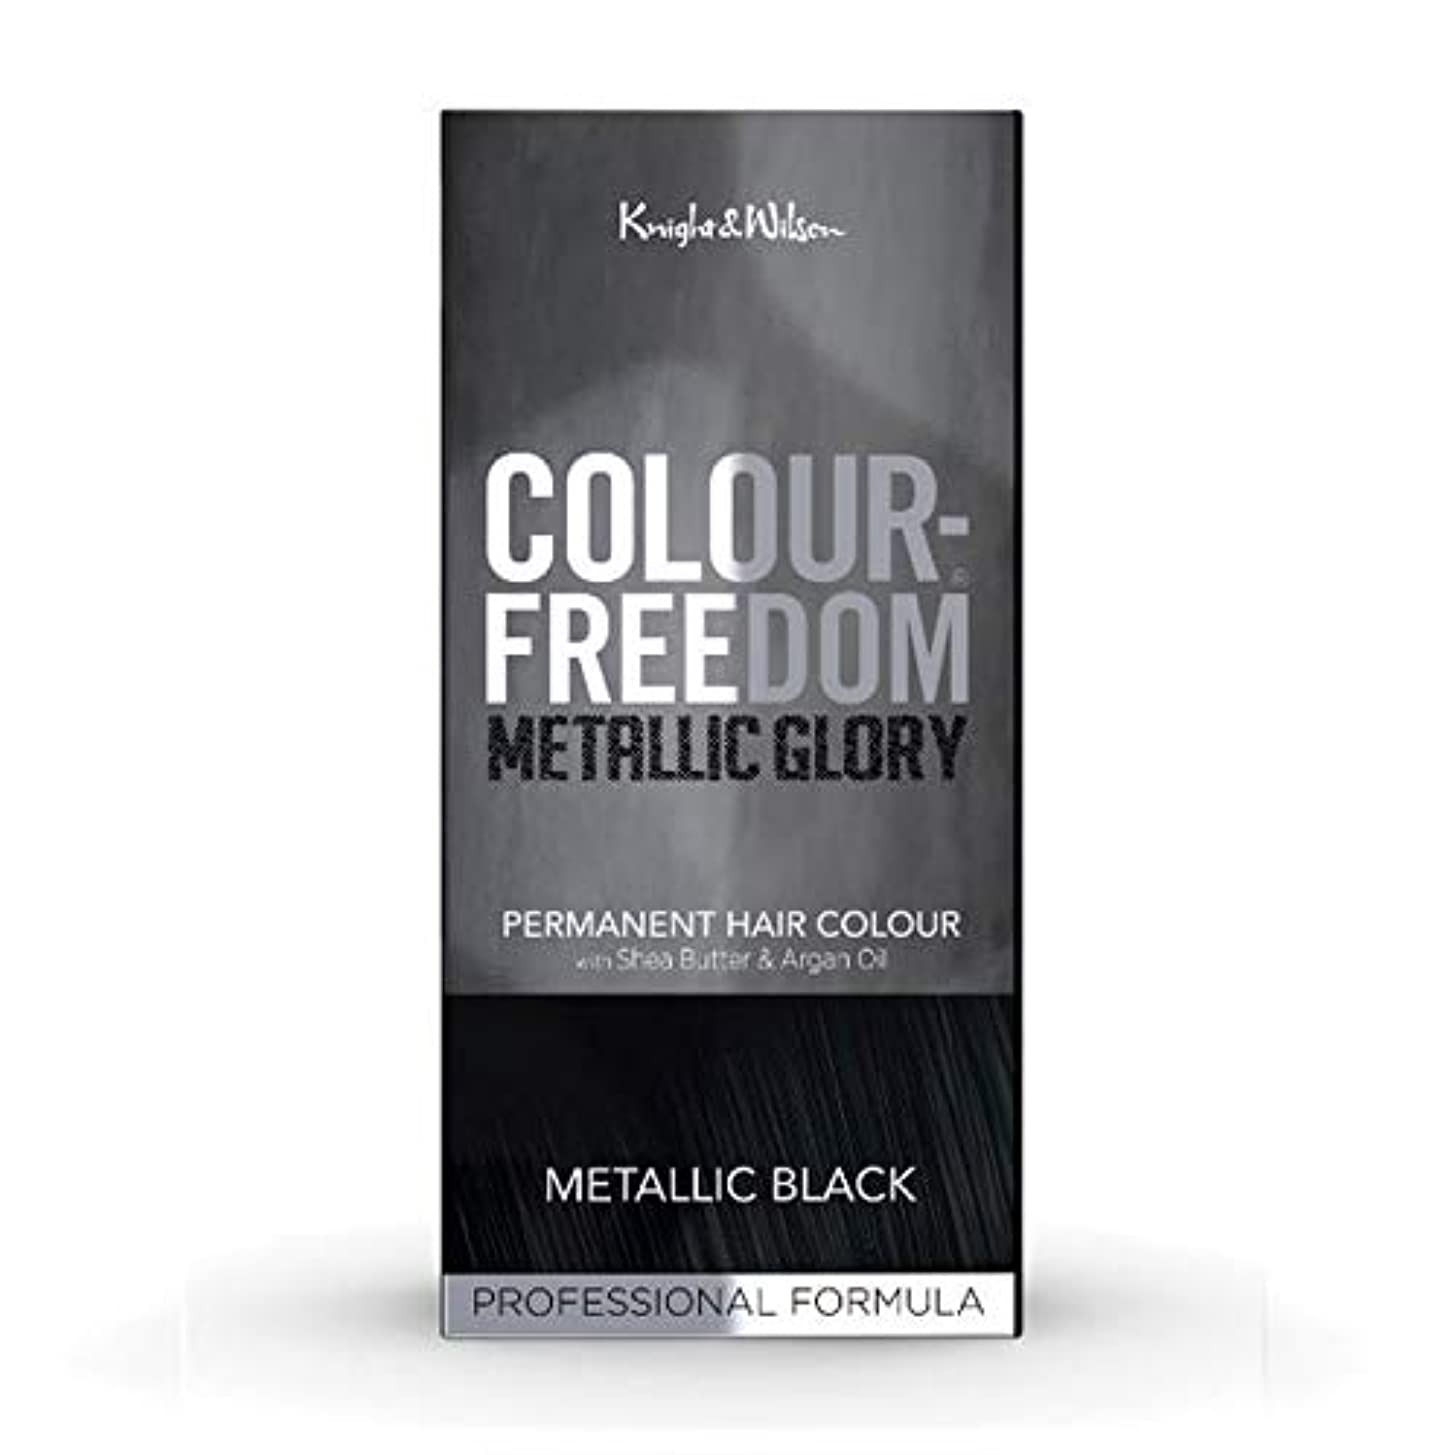 素敵な予報泣く[Colour Freedom ] カラー自由メタリック栄光の金属黒117 - Colour Freedom Metallic Glory Metallic Black 117 [並行輸入品]